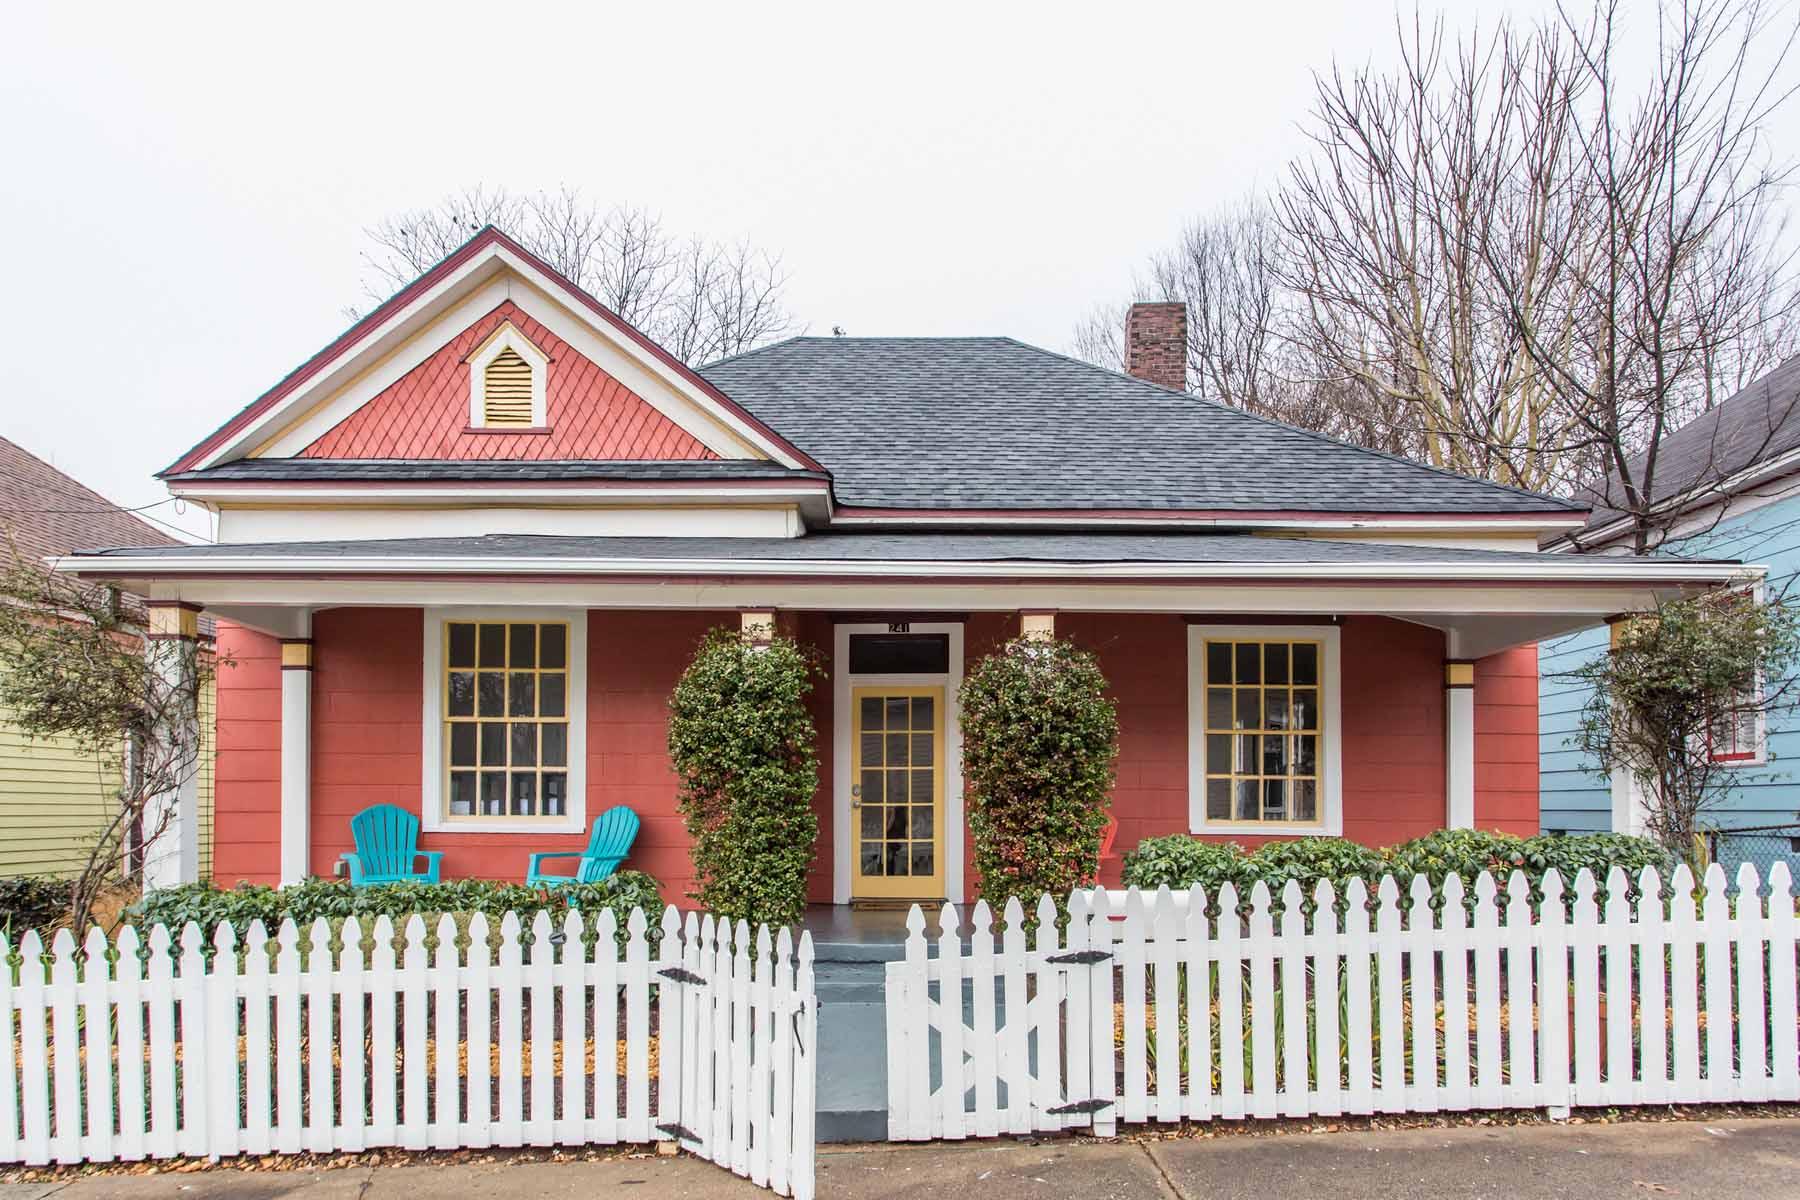 一戸建て のために 売買 アット Light Filled Cabbagetown Bungalow 241 Powell Street Cabbagetown, Atlanta, ジョージア 30316 アメリカ合衆国